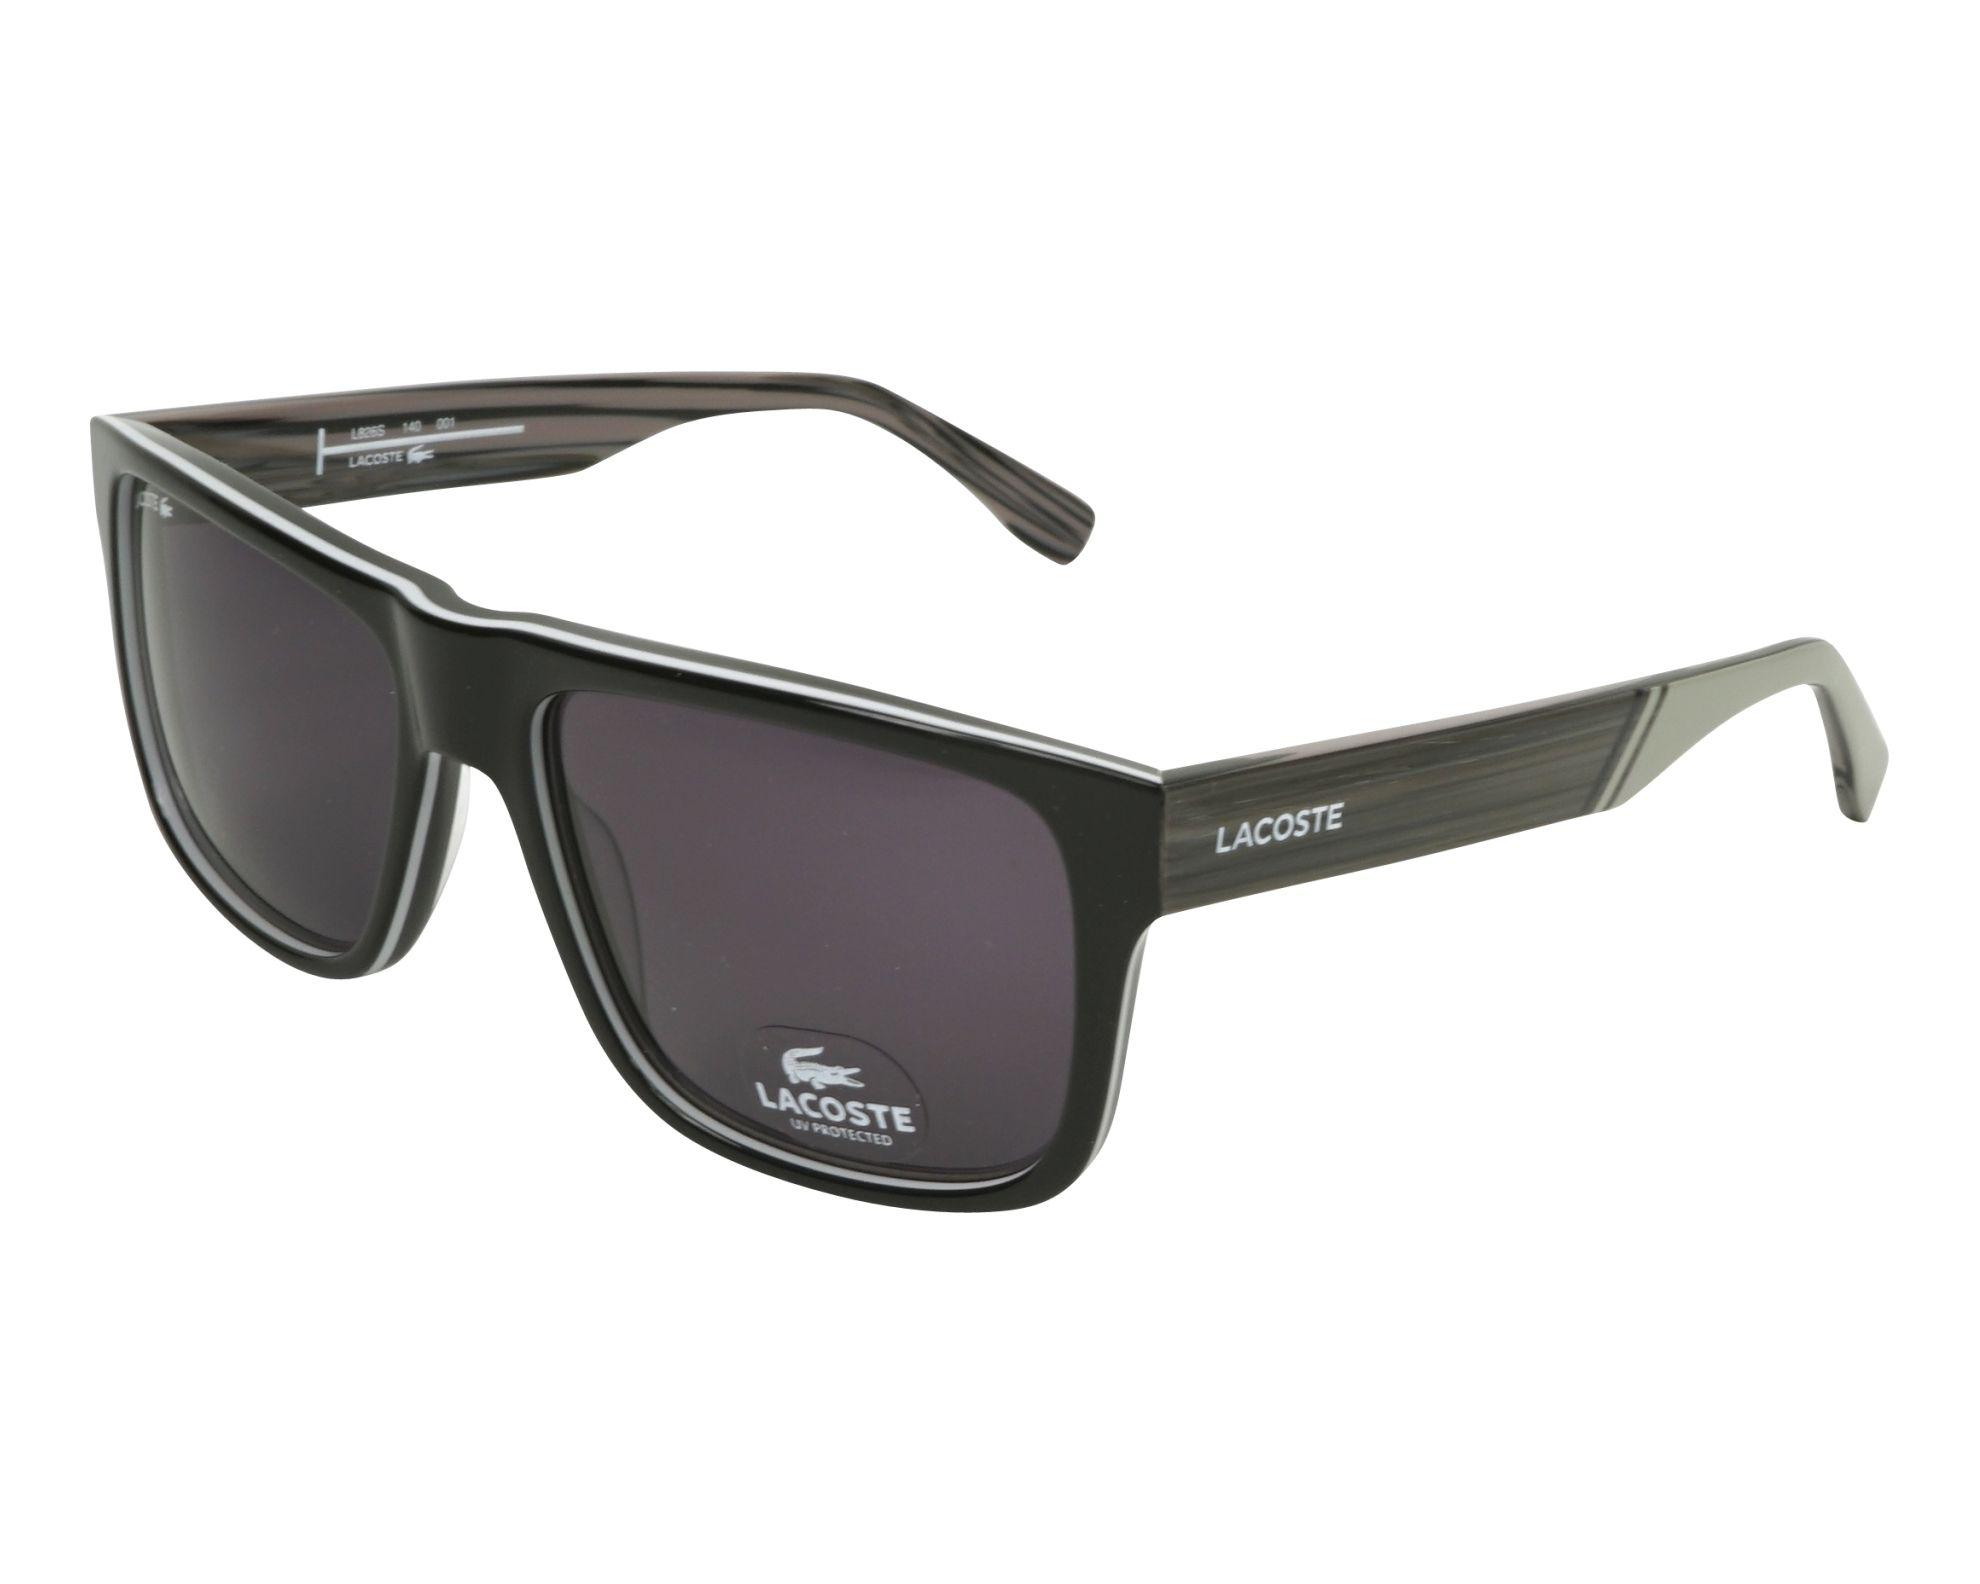 Lunettes de soleil lacoste l 826 s 001 noir avec des verres gris - Verre lunette raye assurance ...